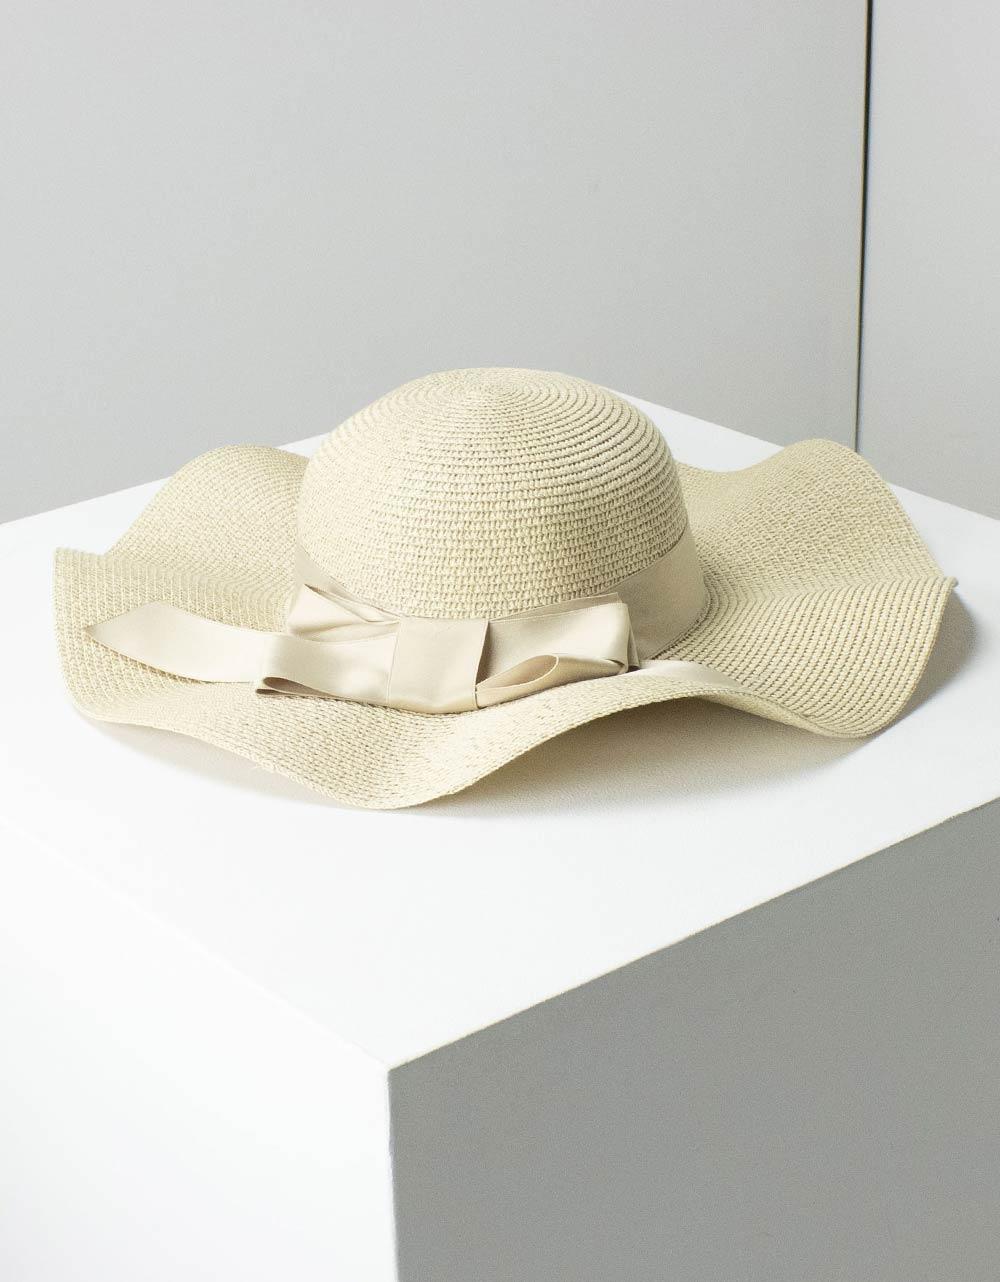 Εικόνα από Γυναικεία καπέλα με κυματιστό σχέδιο Μπεζ